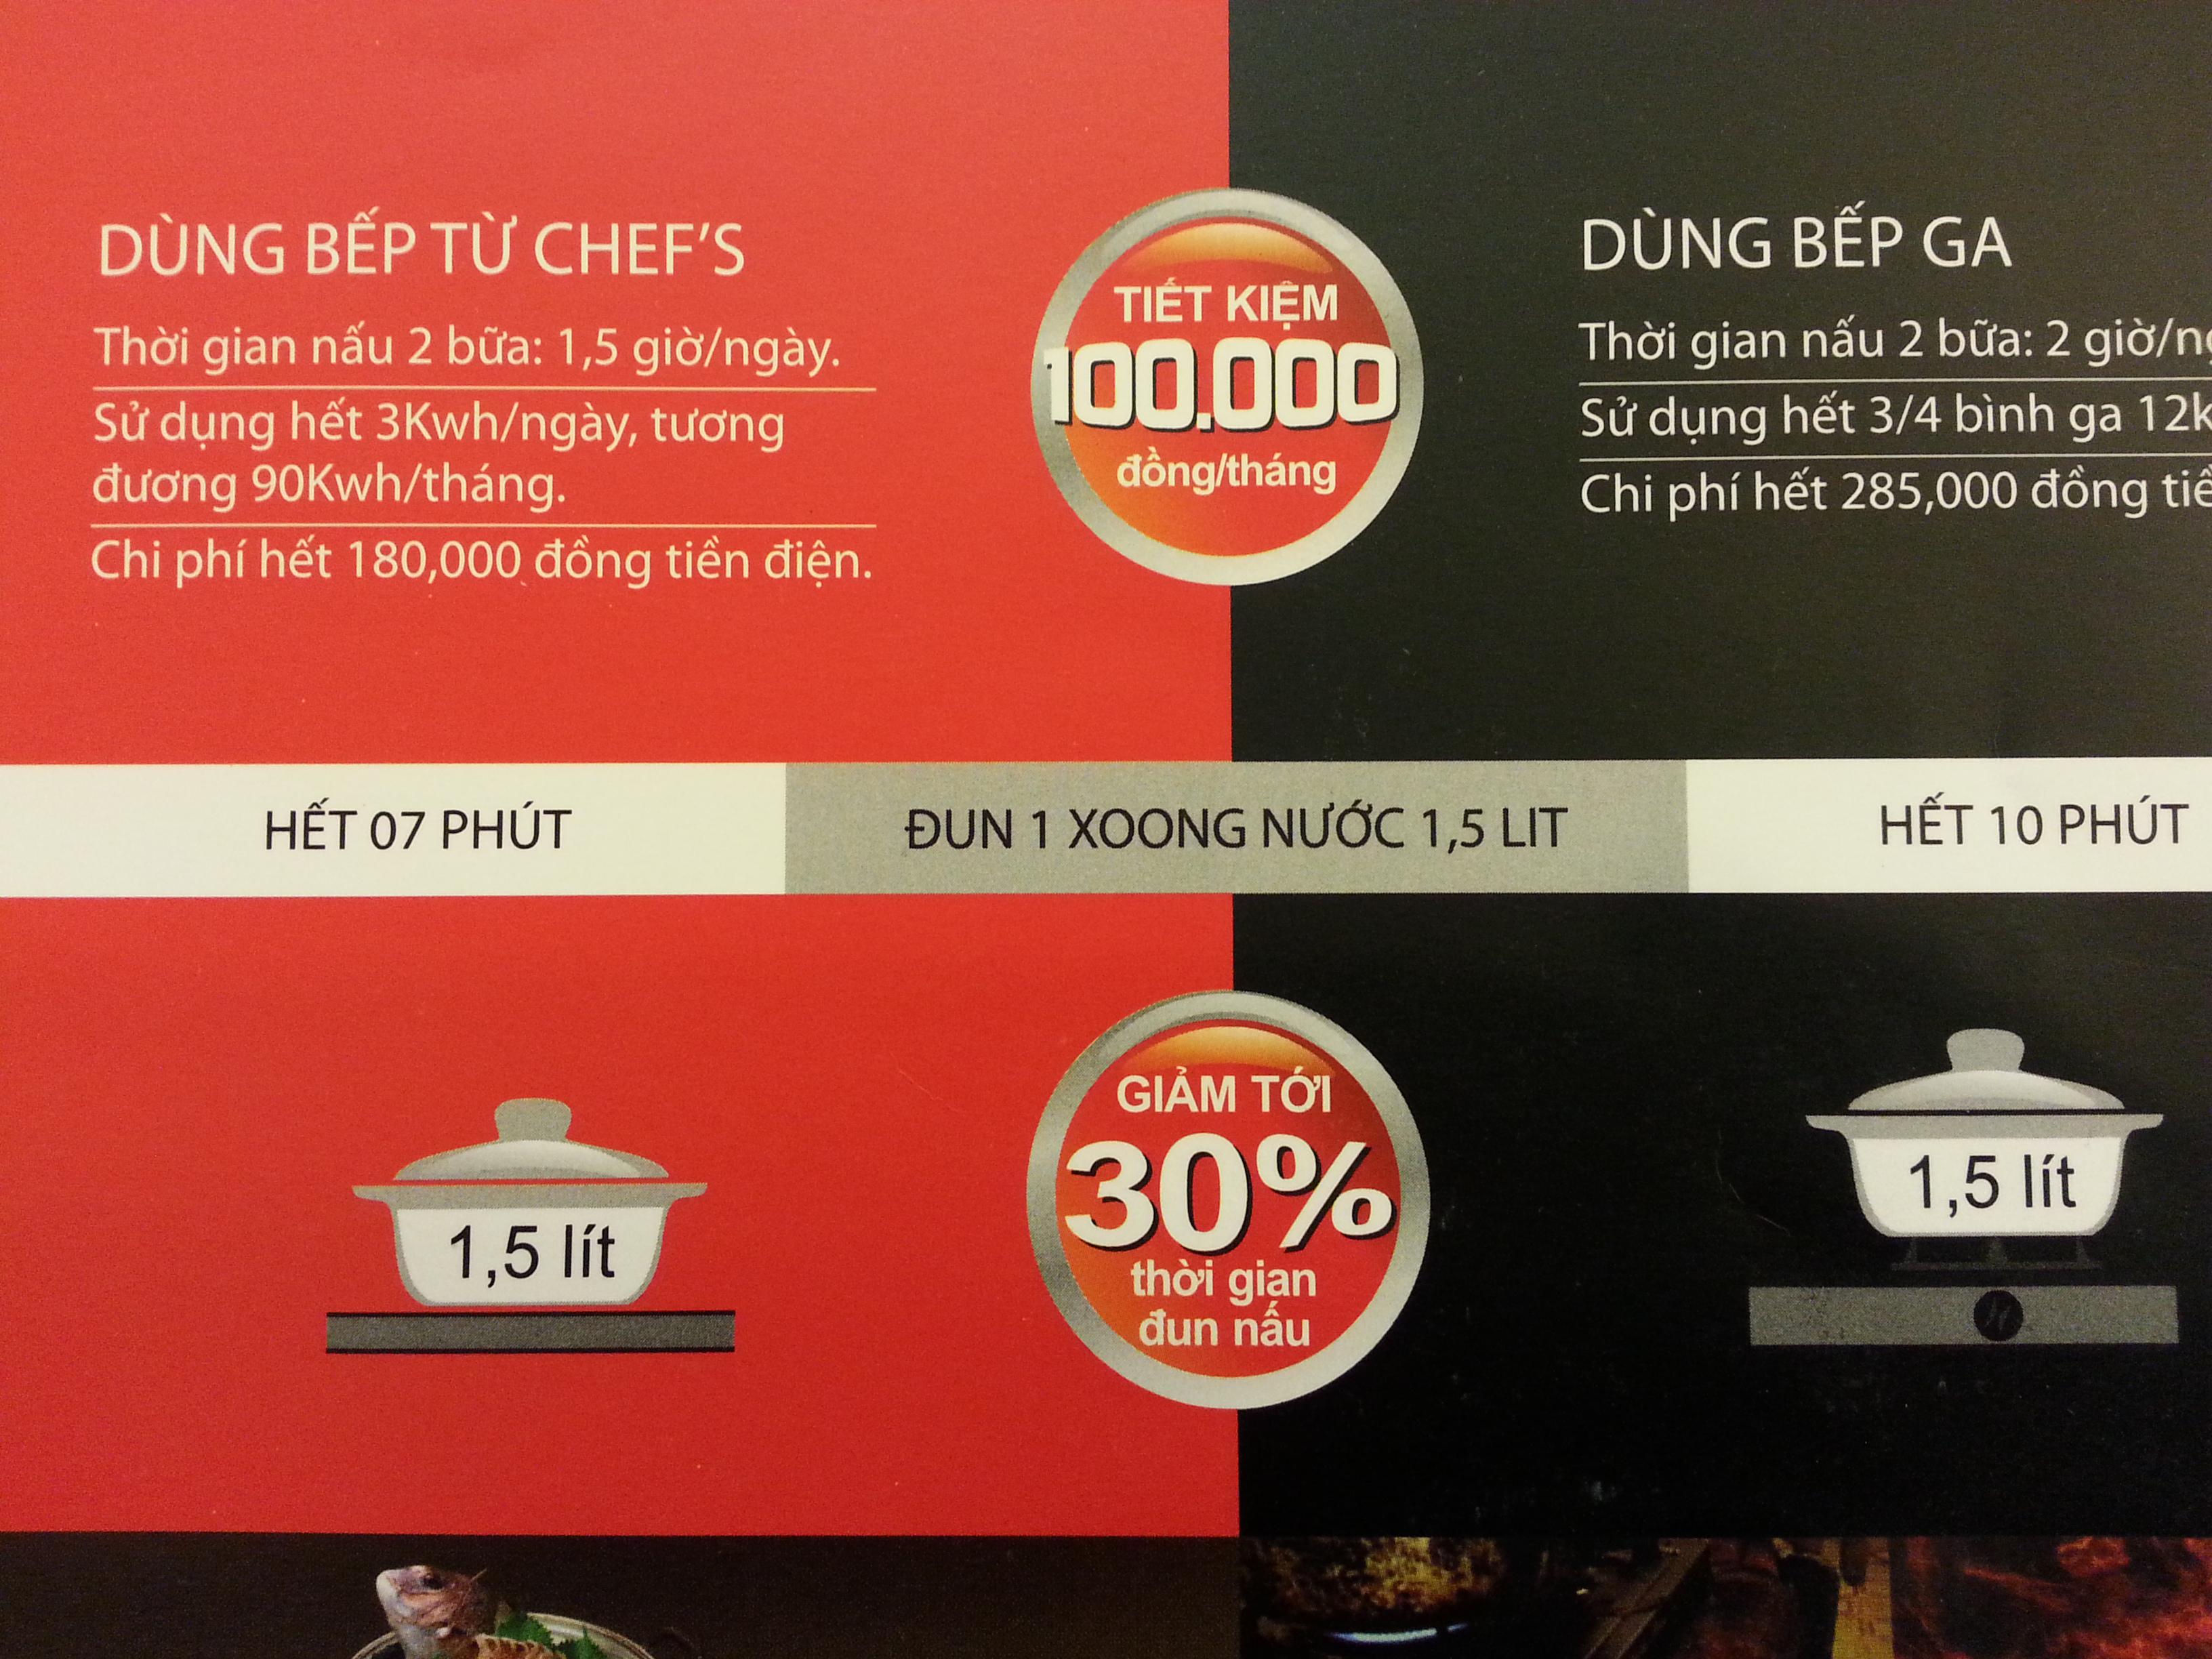 Tiết kiệm với bếp từ Chefs